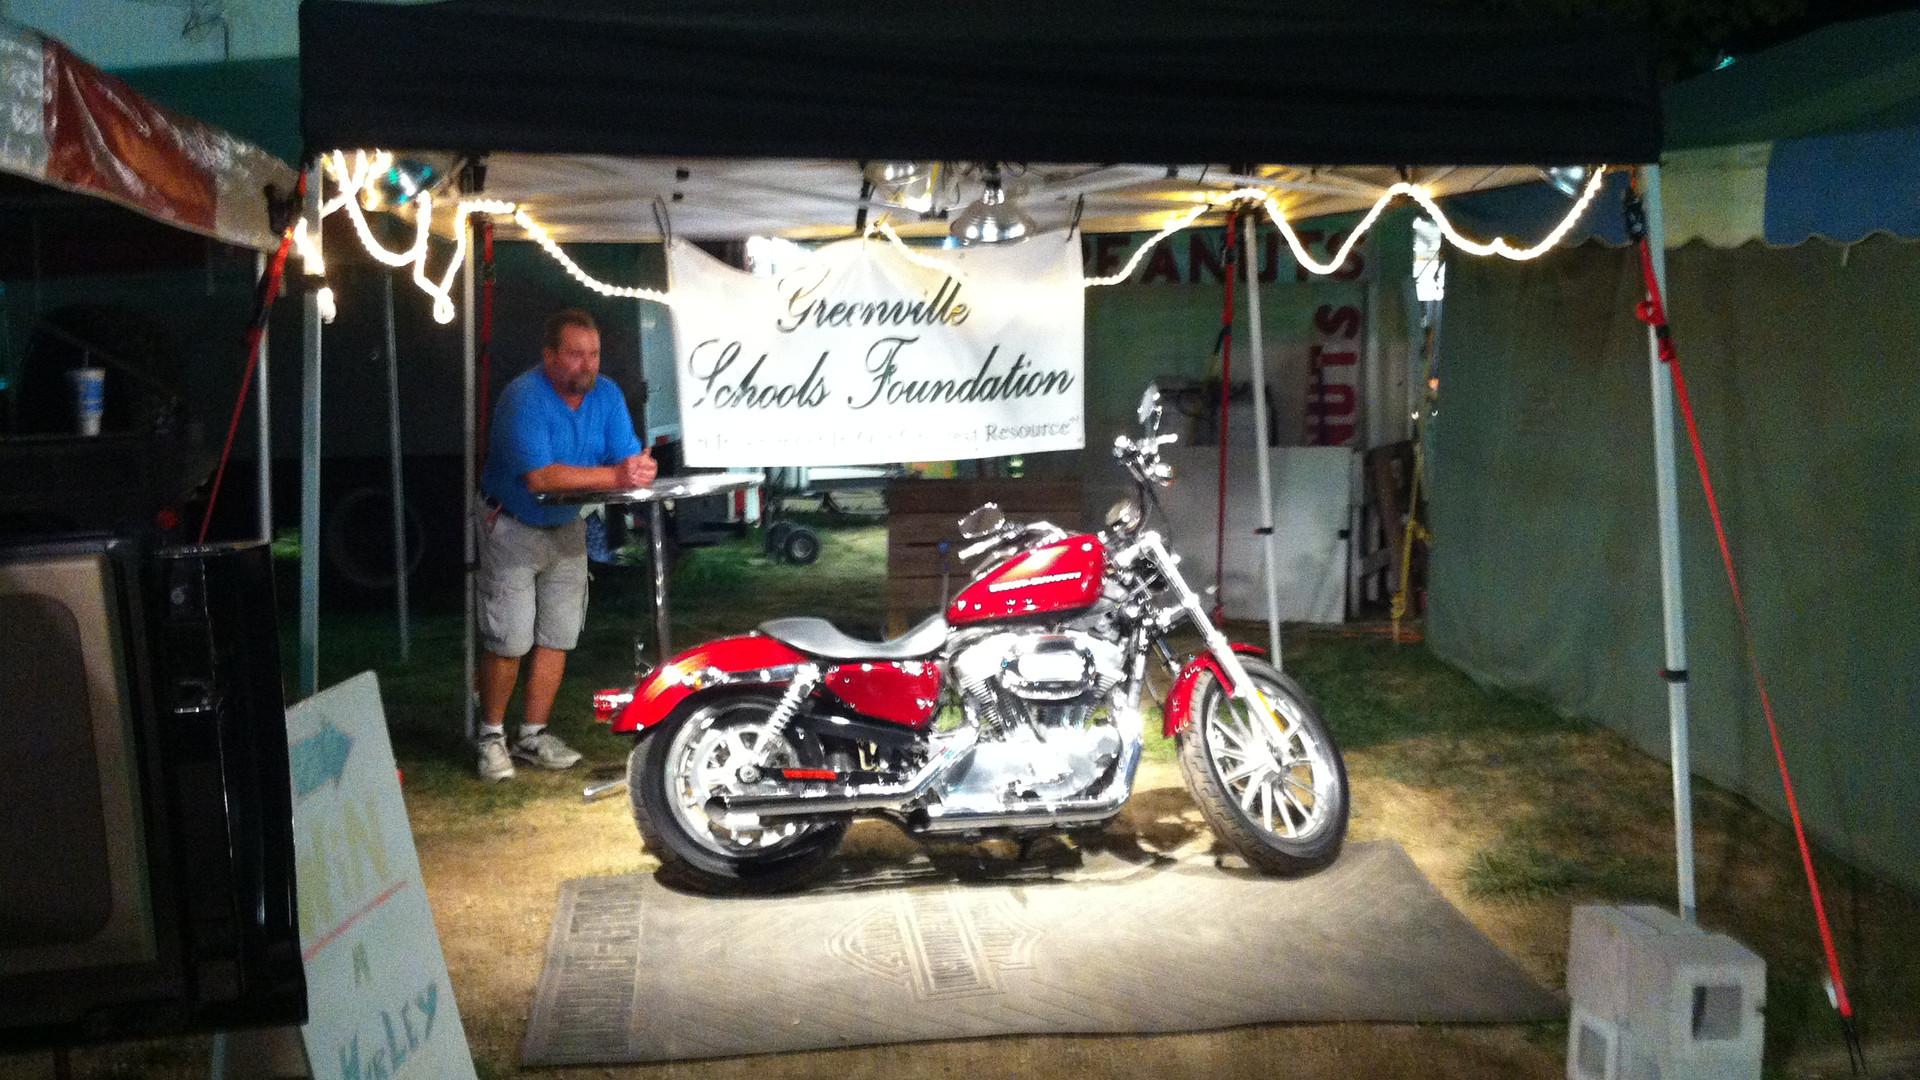 Harley Sportster School Raffle.JPG